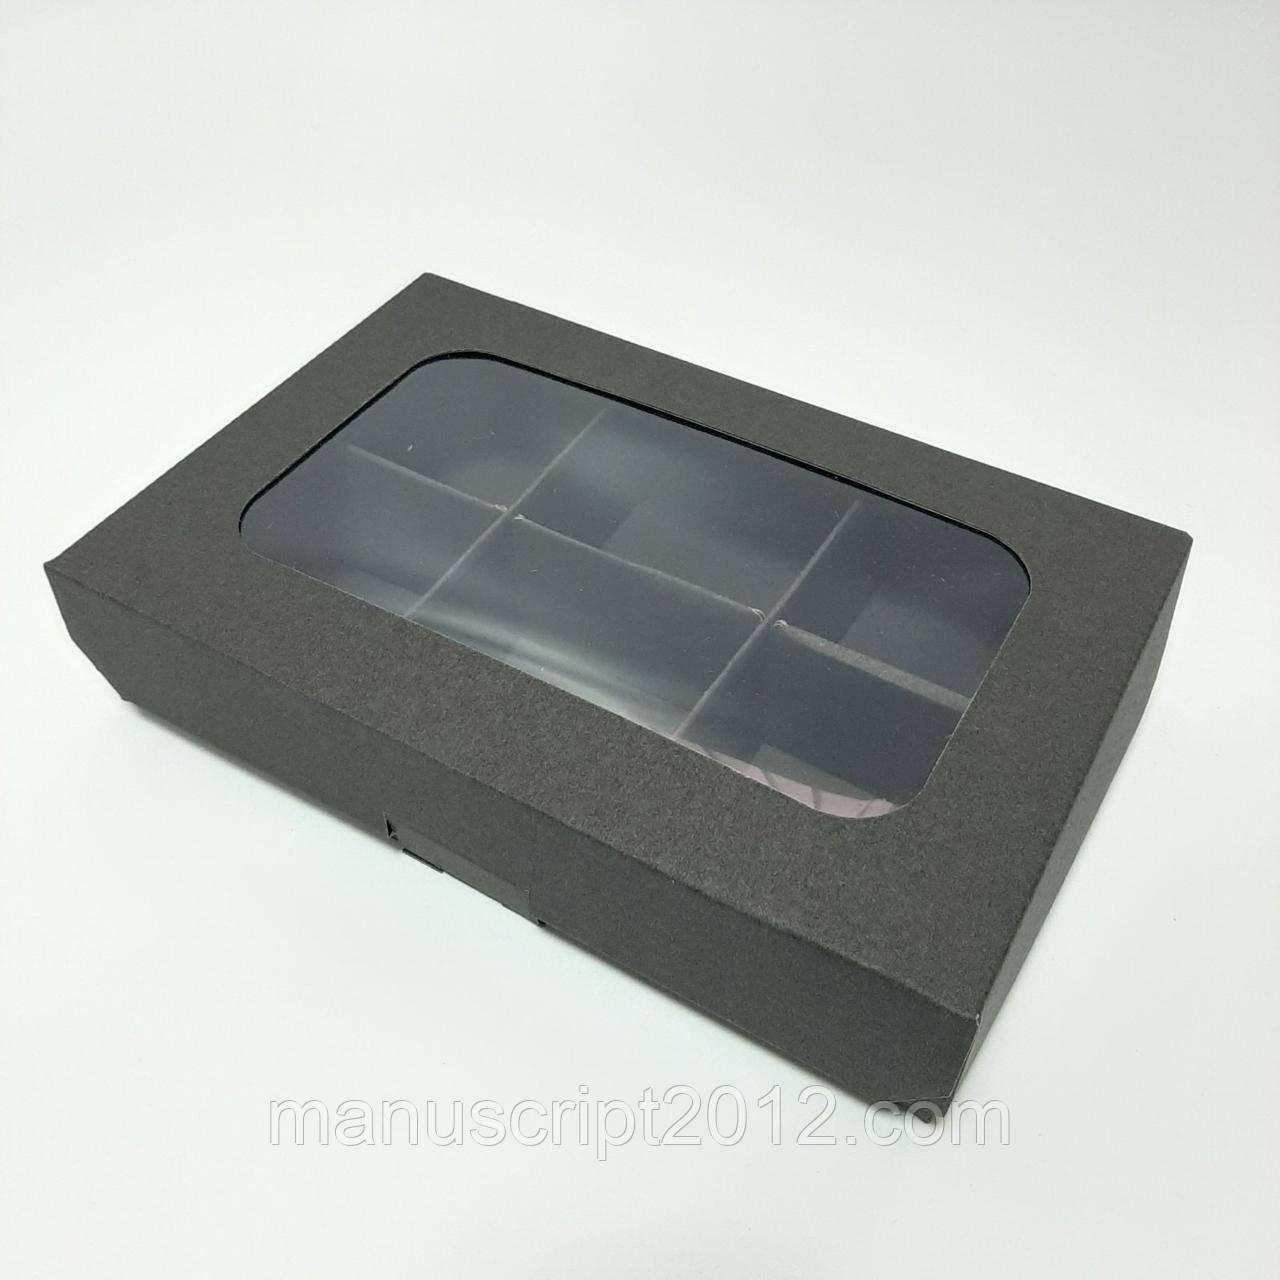 Коробка для горіхів, сухофруктів  чорна 250х165х55 мм.